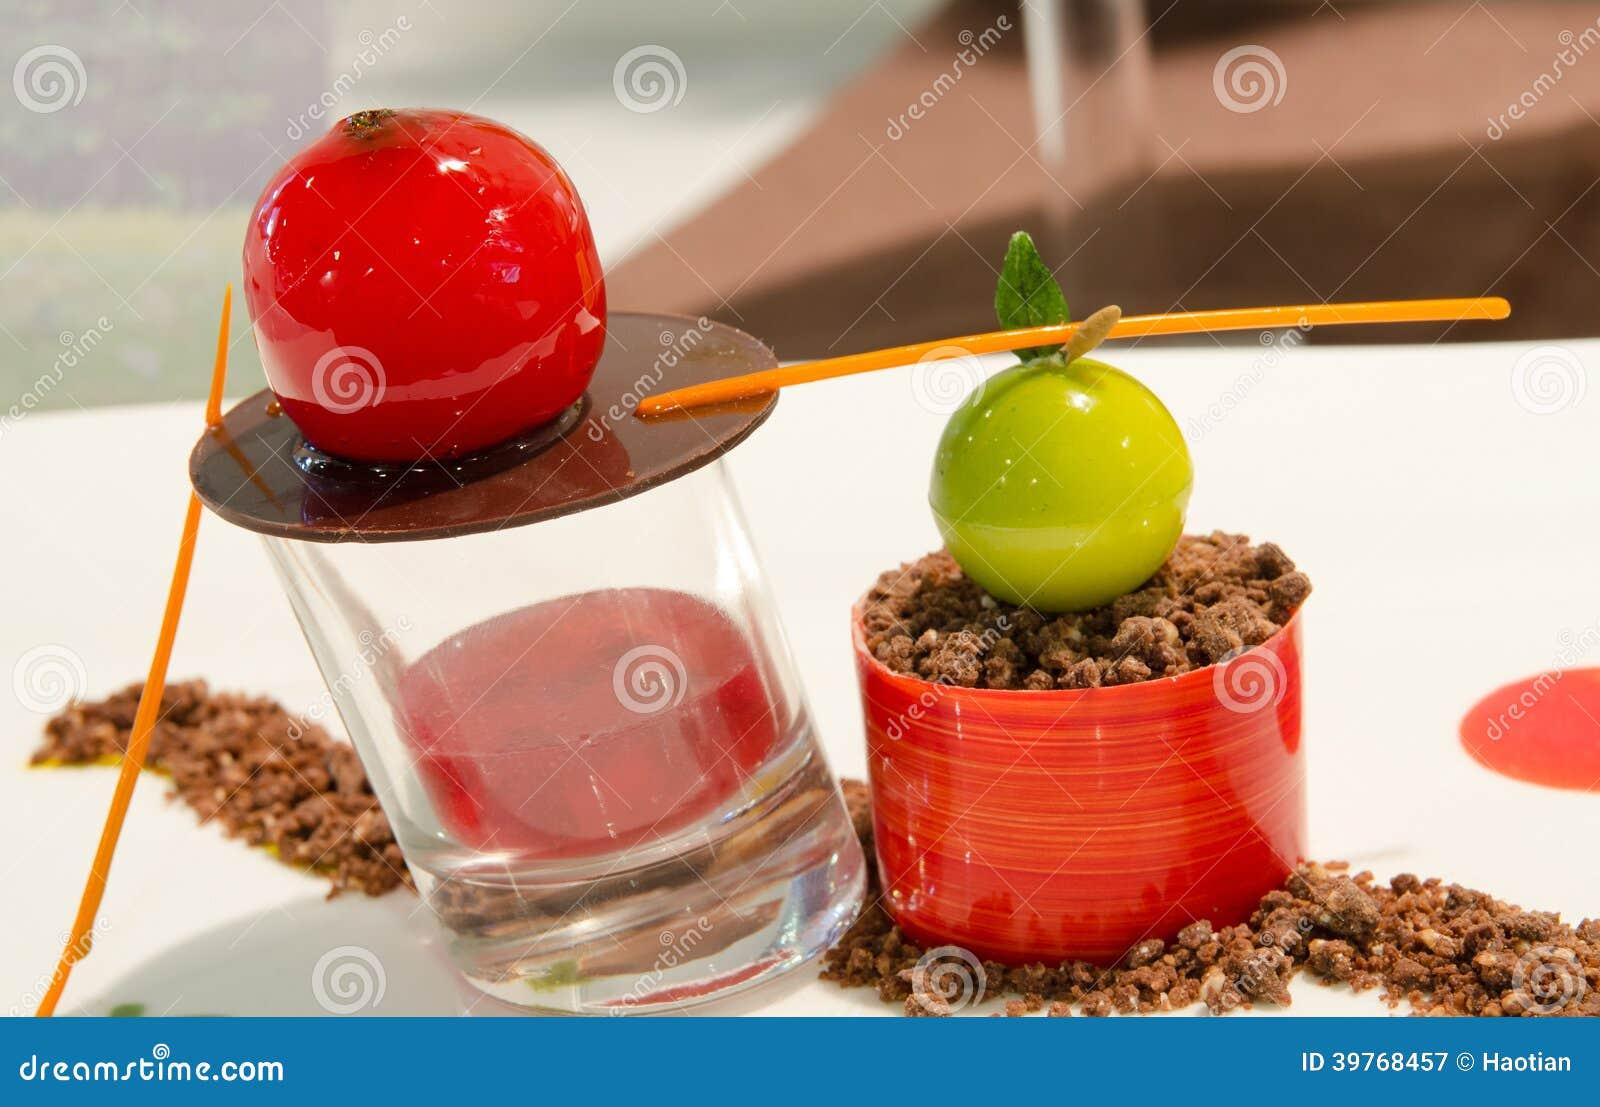 Dessert de tomate cerise photo stock image 39768457 for Dessert avec des cerises fraiches